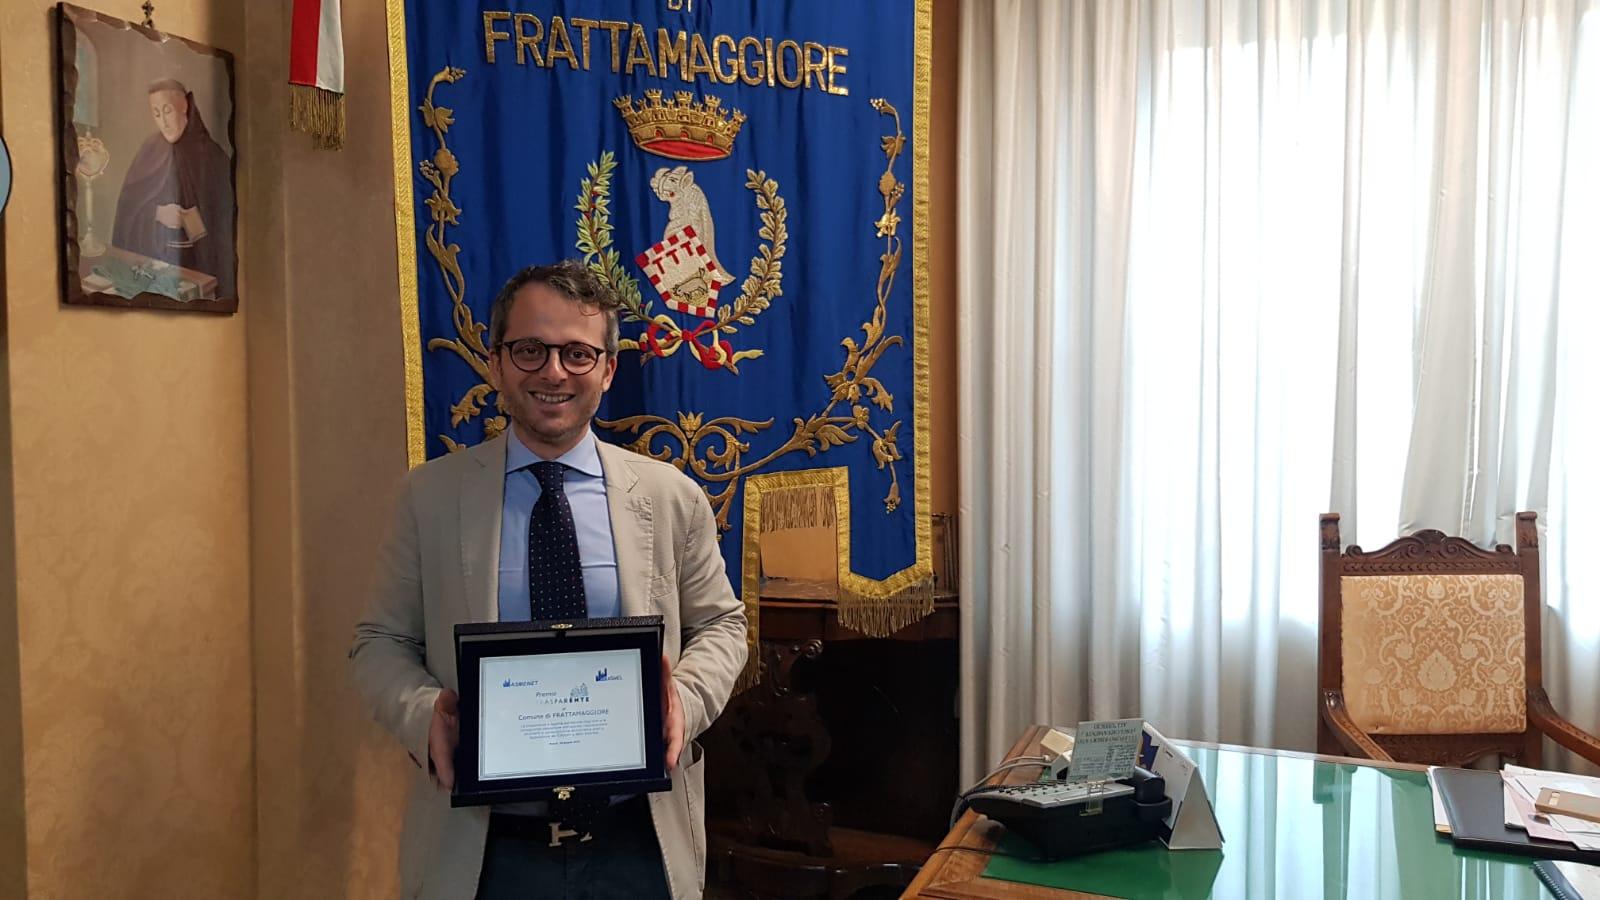 La città di Frattamaggiore conquista il premio trasparENTE